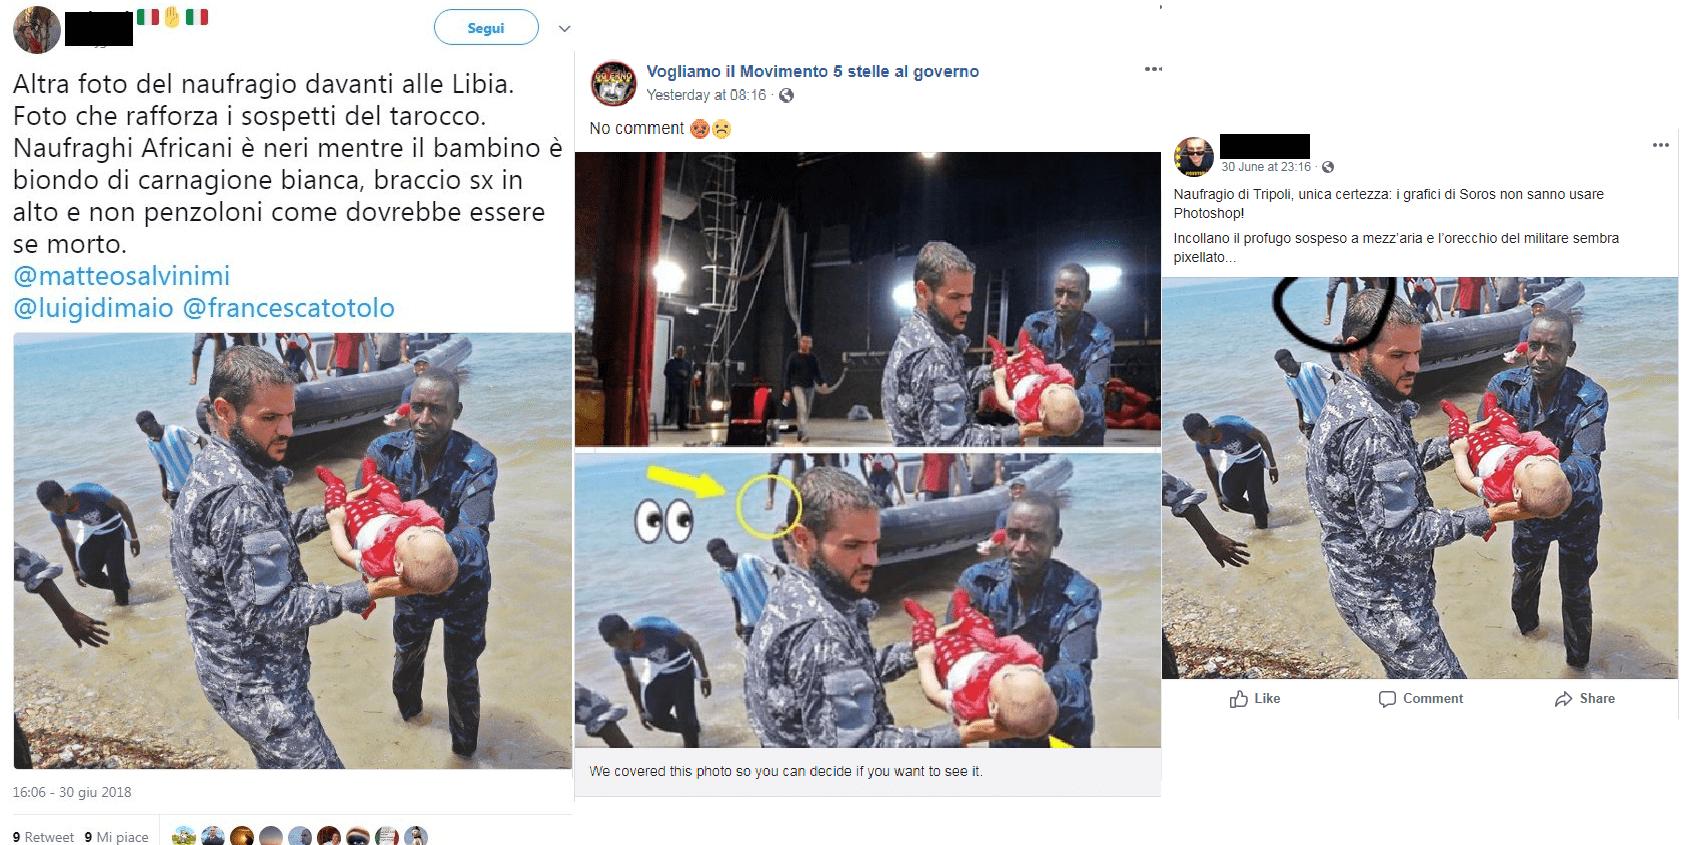 La bufala dei bimbi migranti morti nella 'messinscena di Soros': non sono bambolotti, ma veri cadaveri